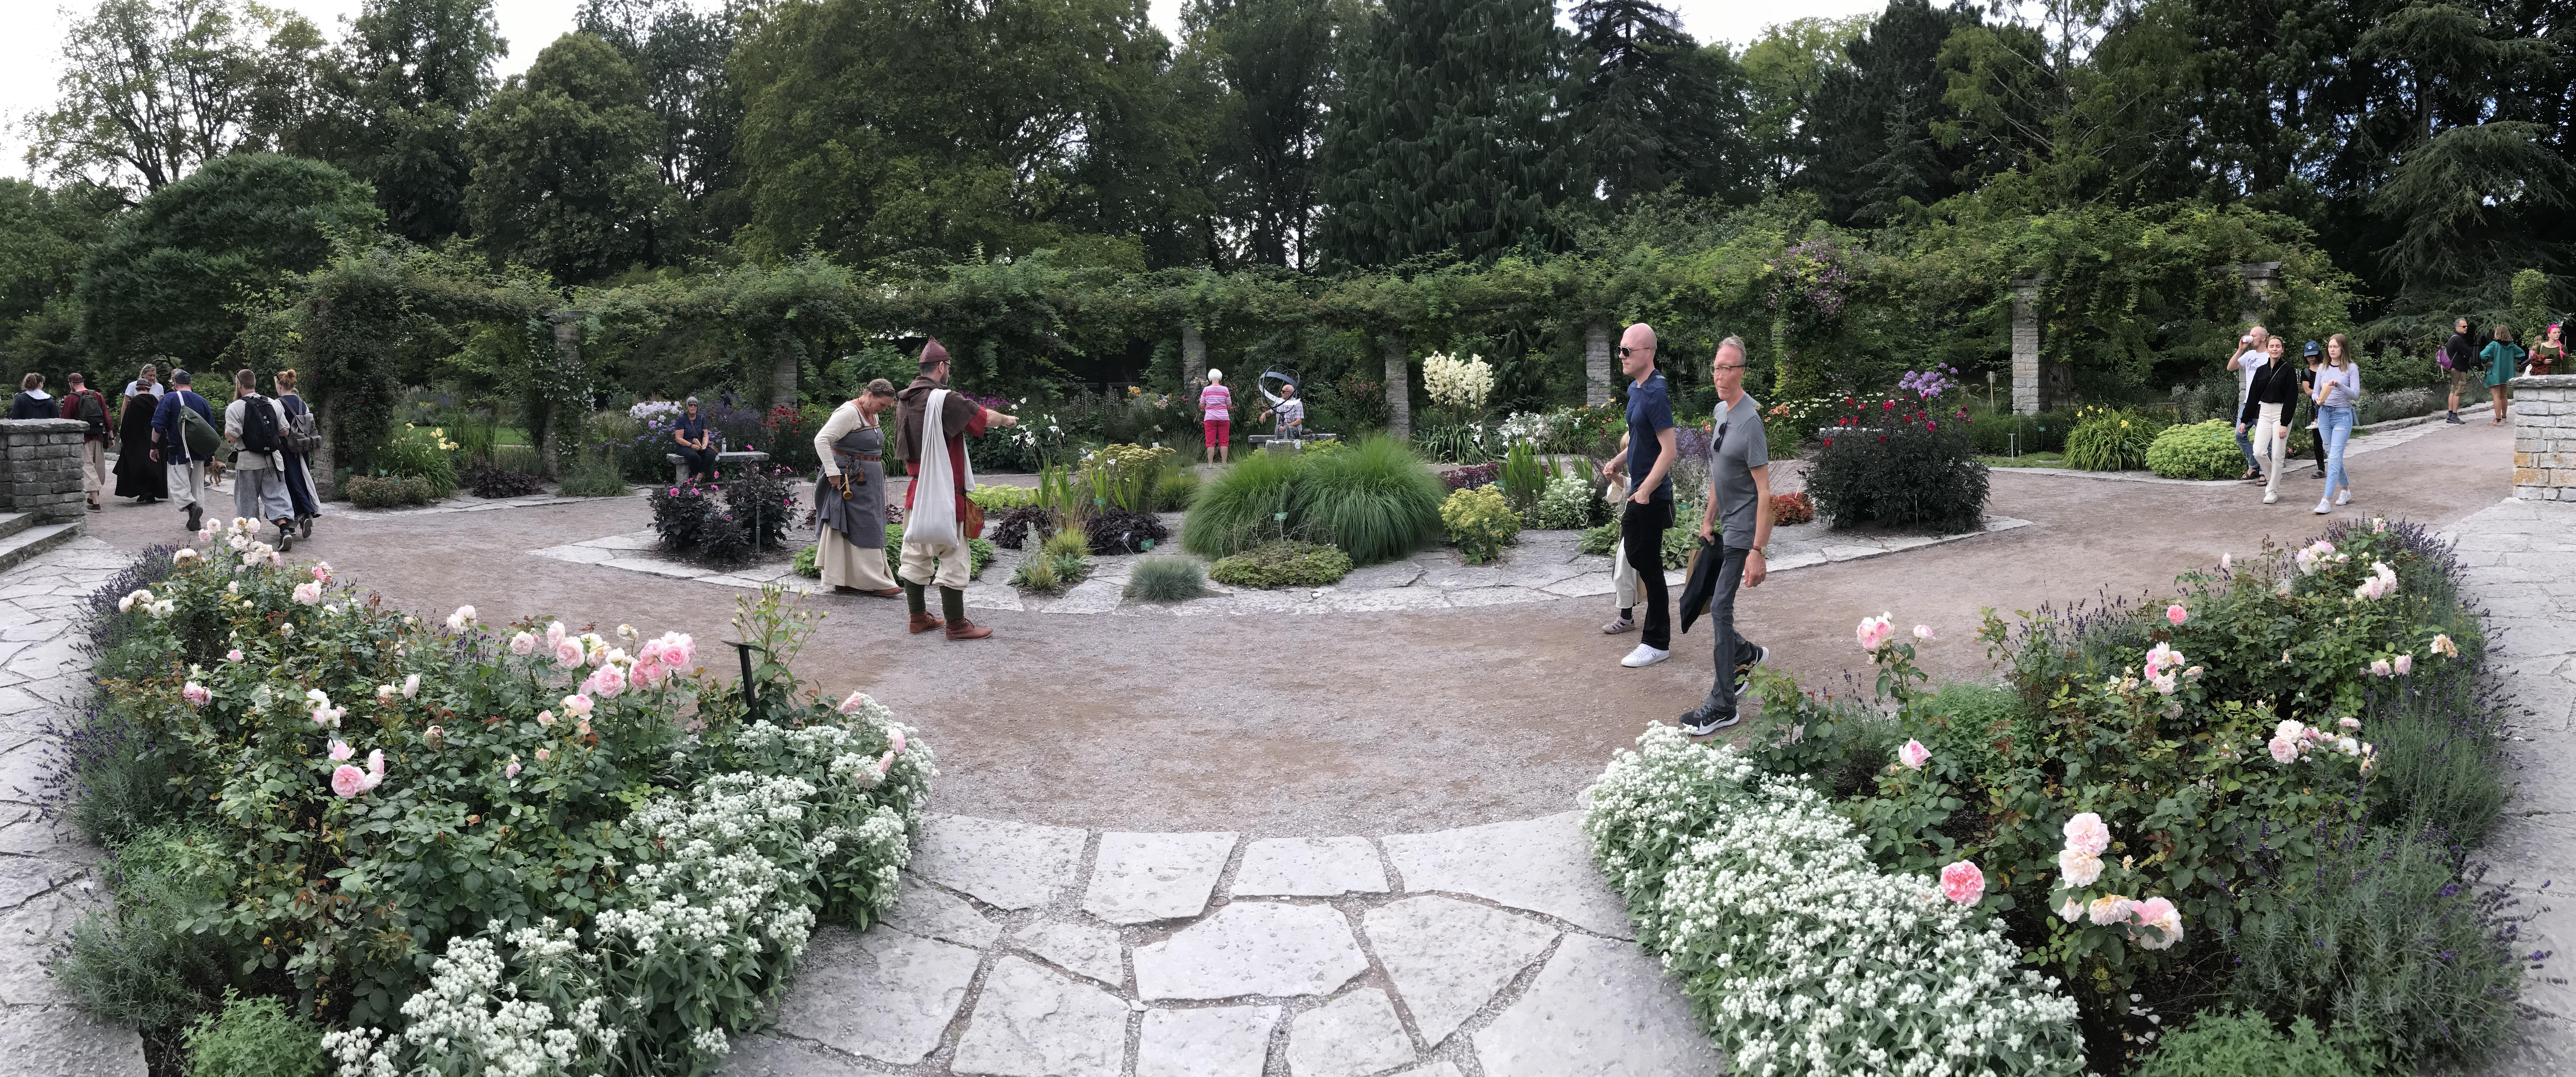 Solvisarplan i DBWs trädgård 2019. Medeltidsvecka